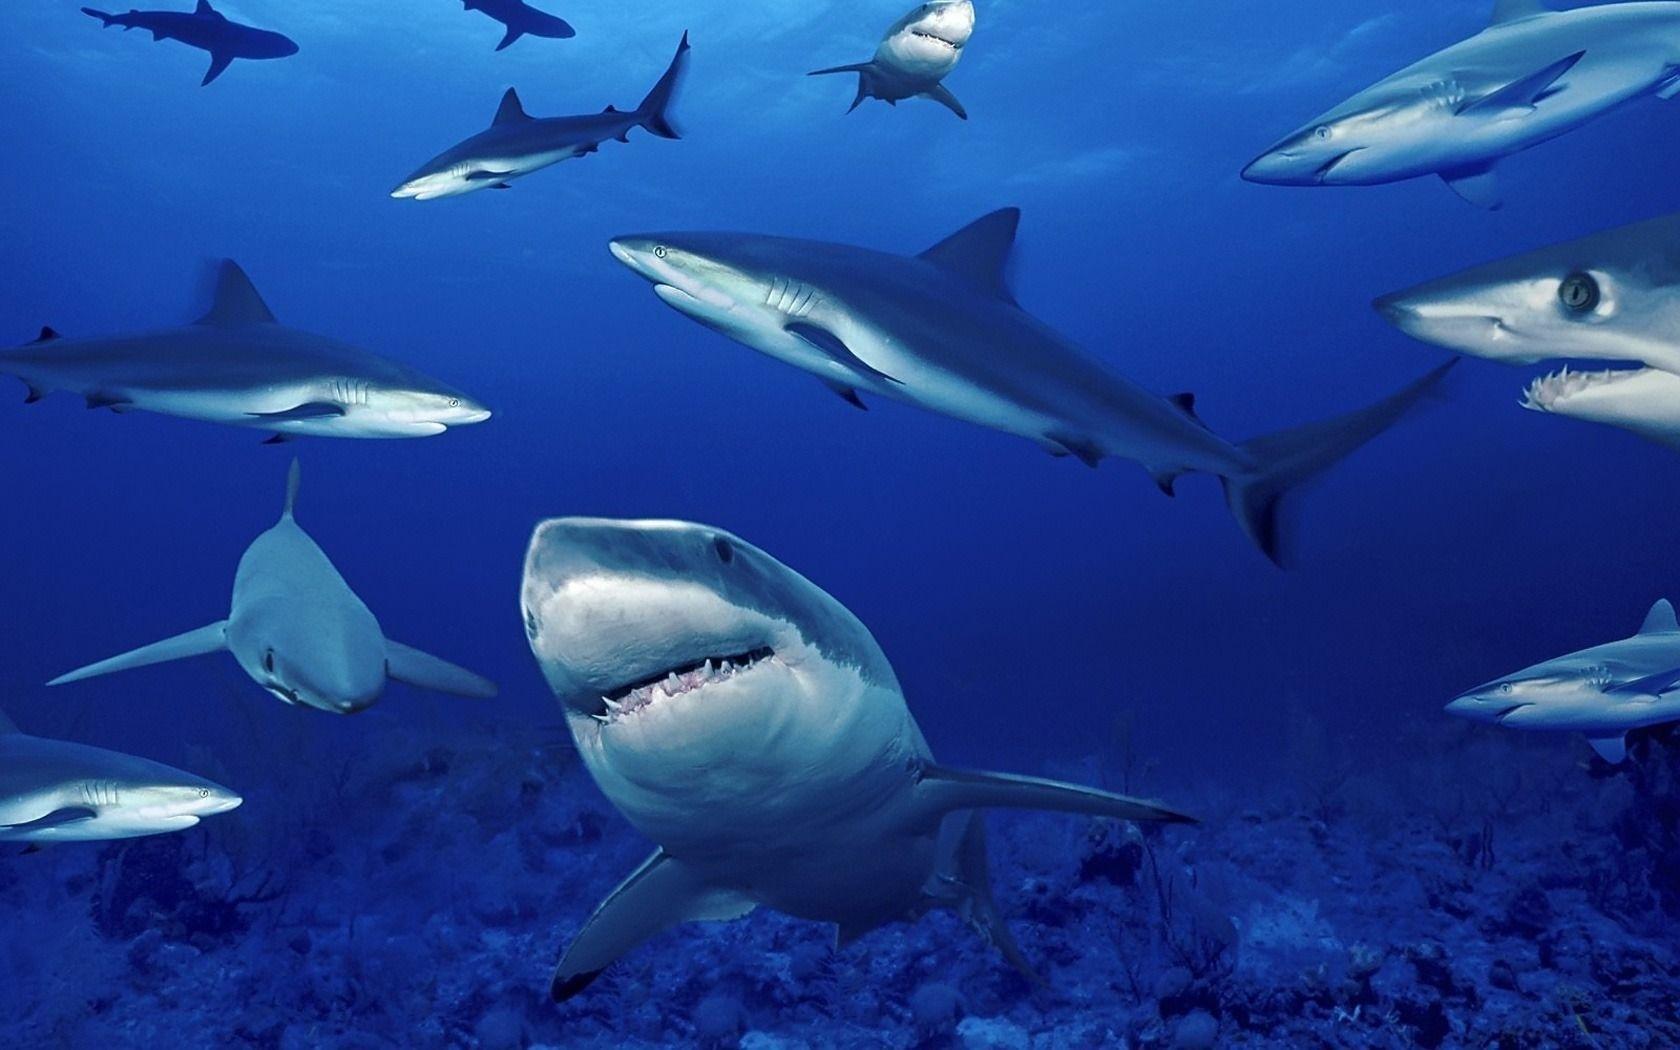 акулы, много акул, скачать, обои для рабочего стола